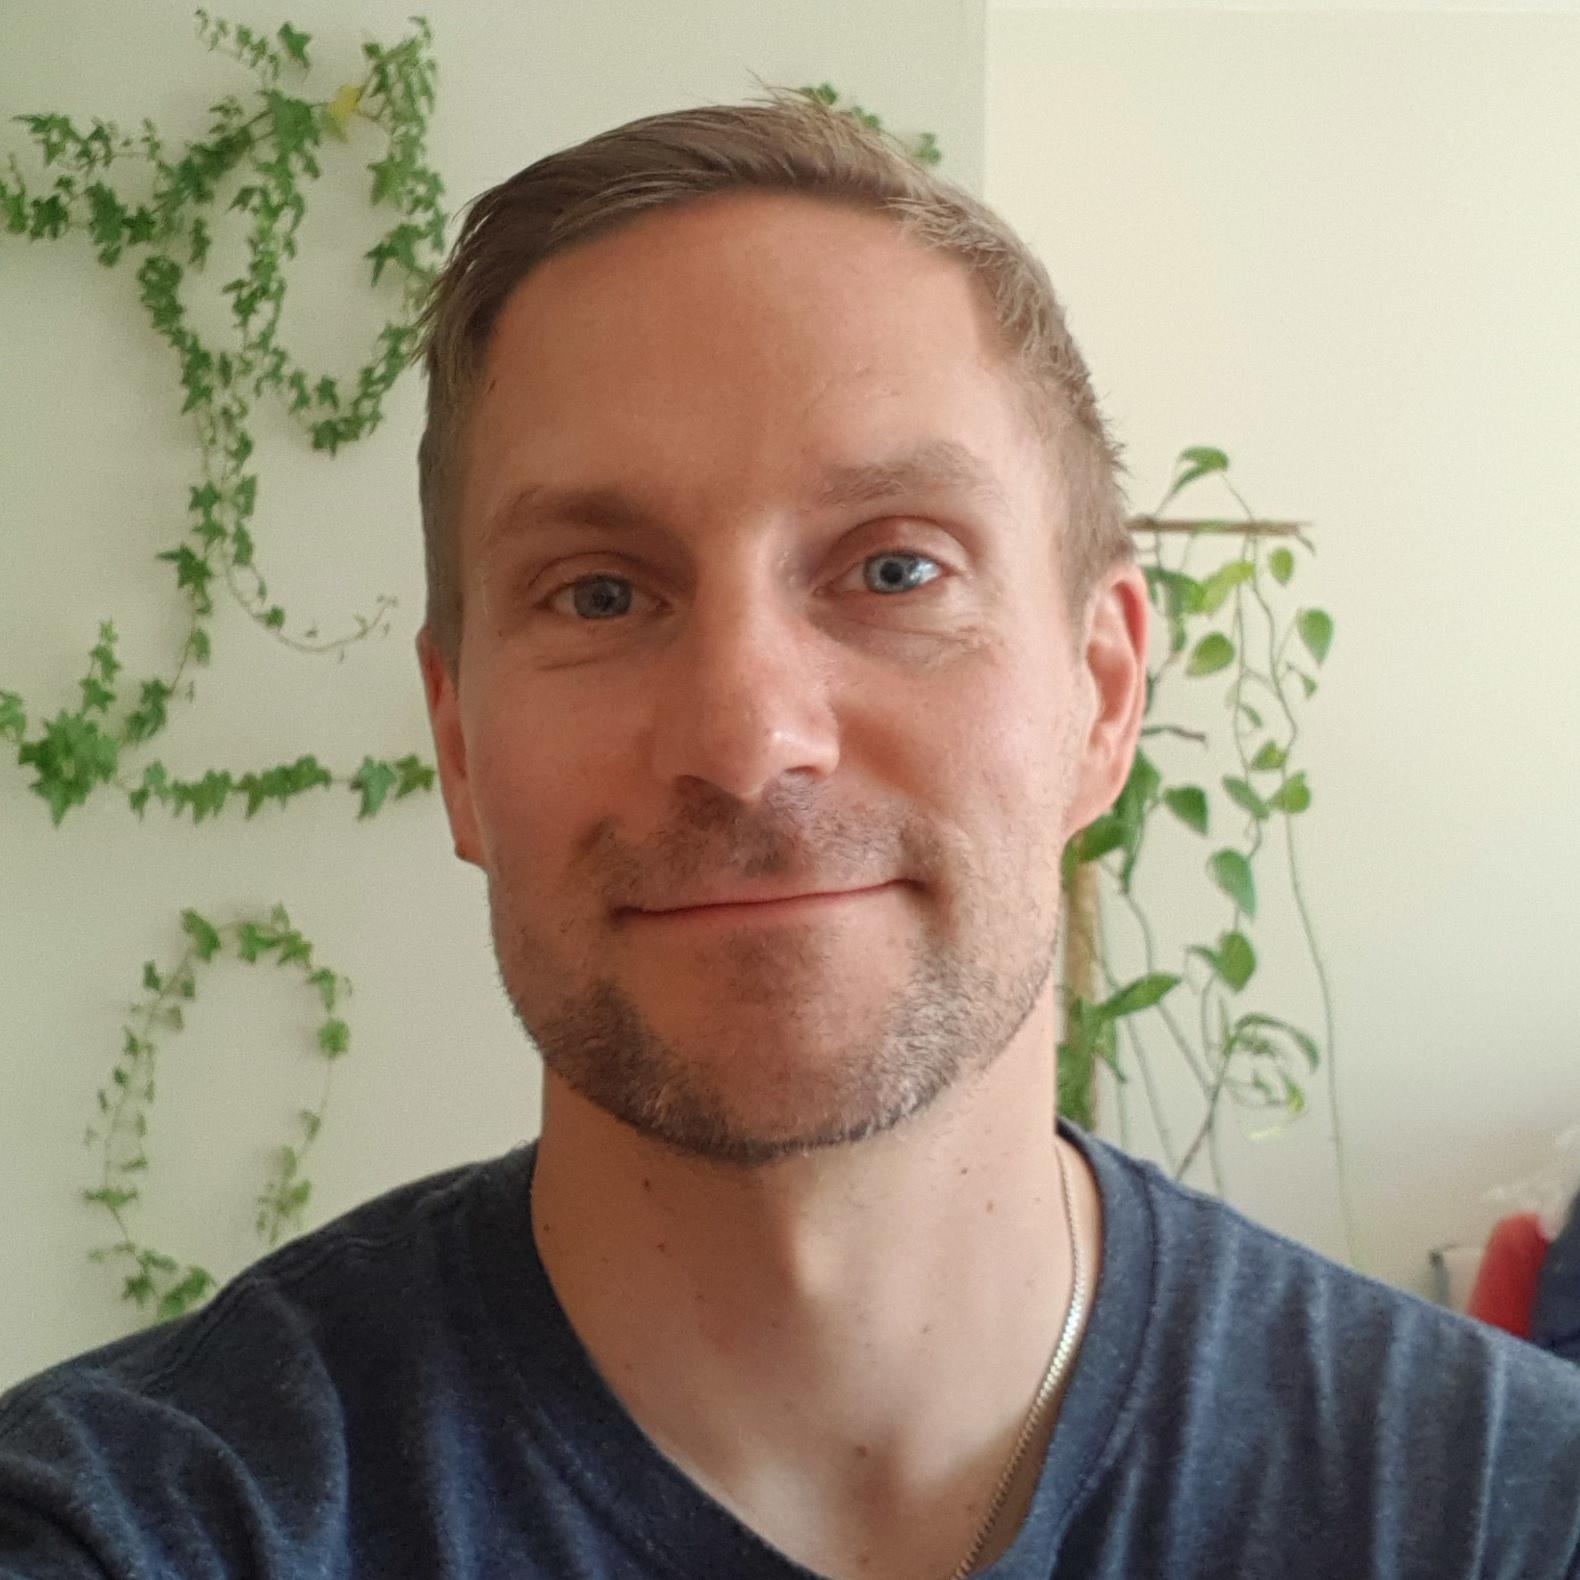 Juha Sälli